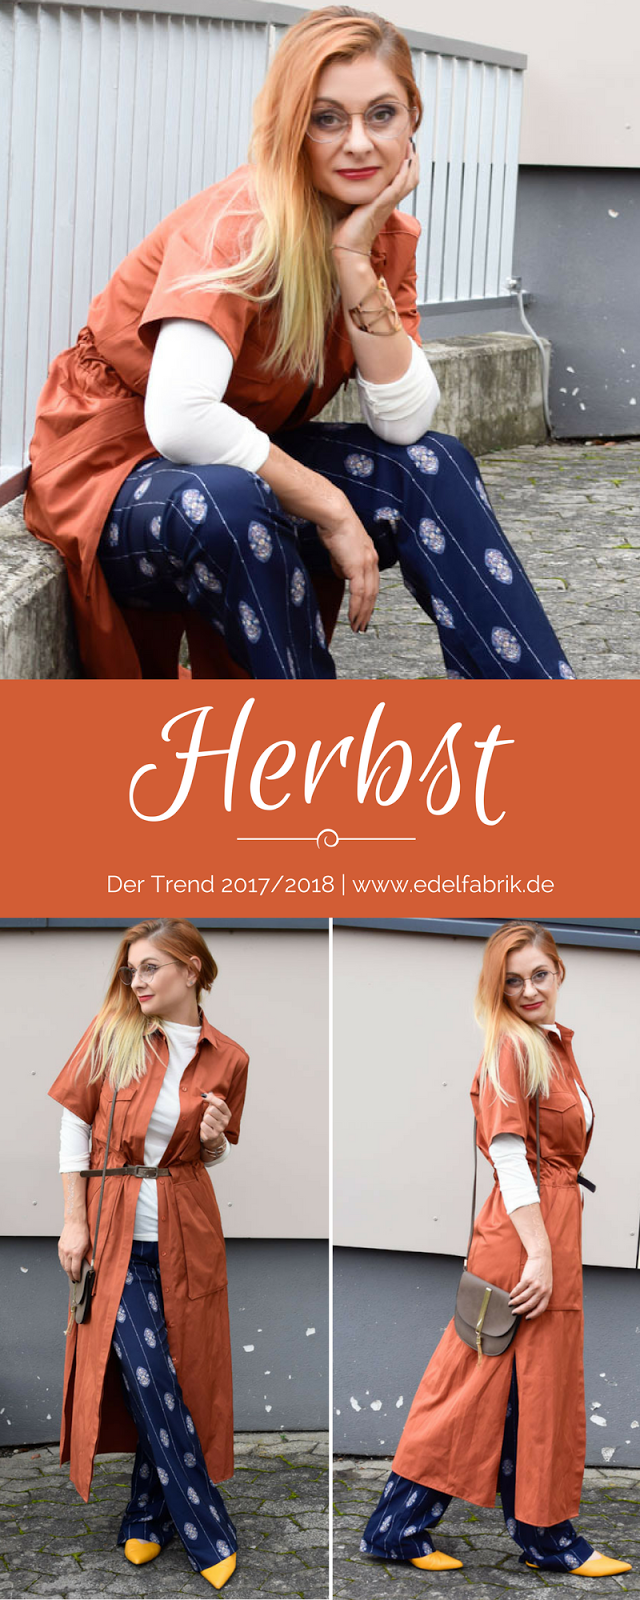 Mode für Frauen über 30, Mode für Frauen 40, Ü40 Blog, Marlenehose, Mustermix